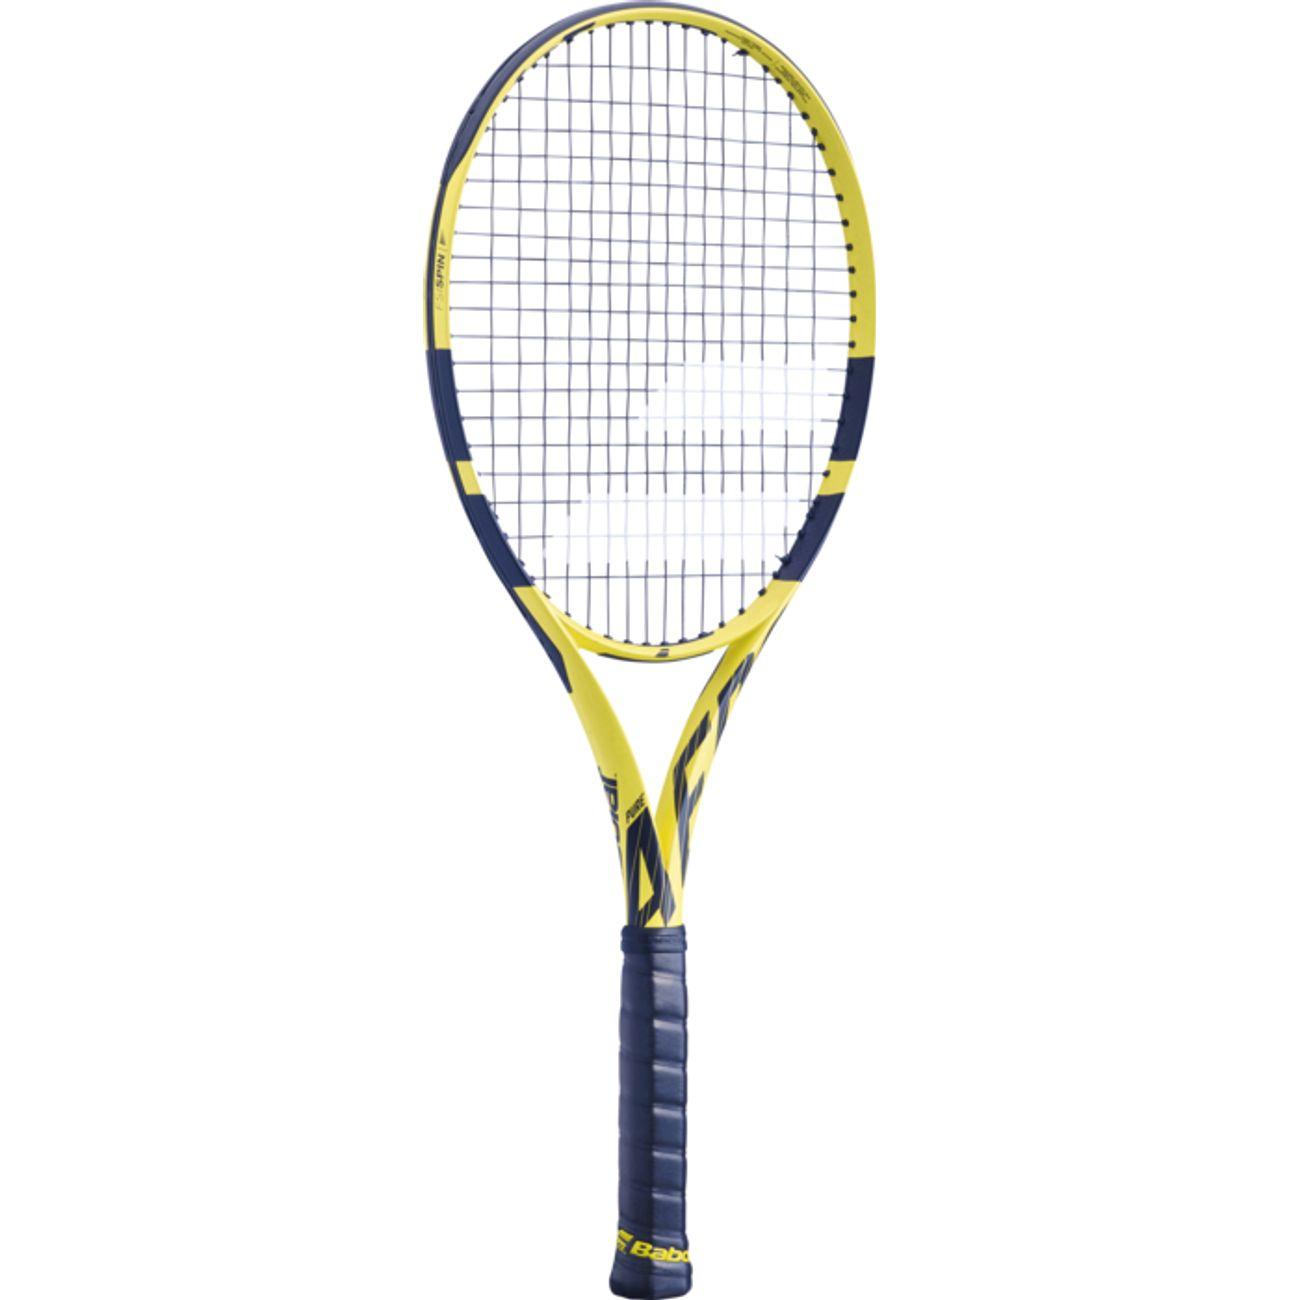 RAQUETTE Tennis adulte BABOLAT PURE AERO